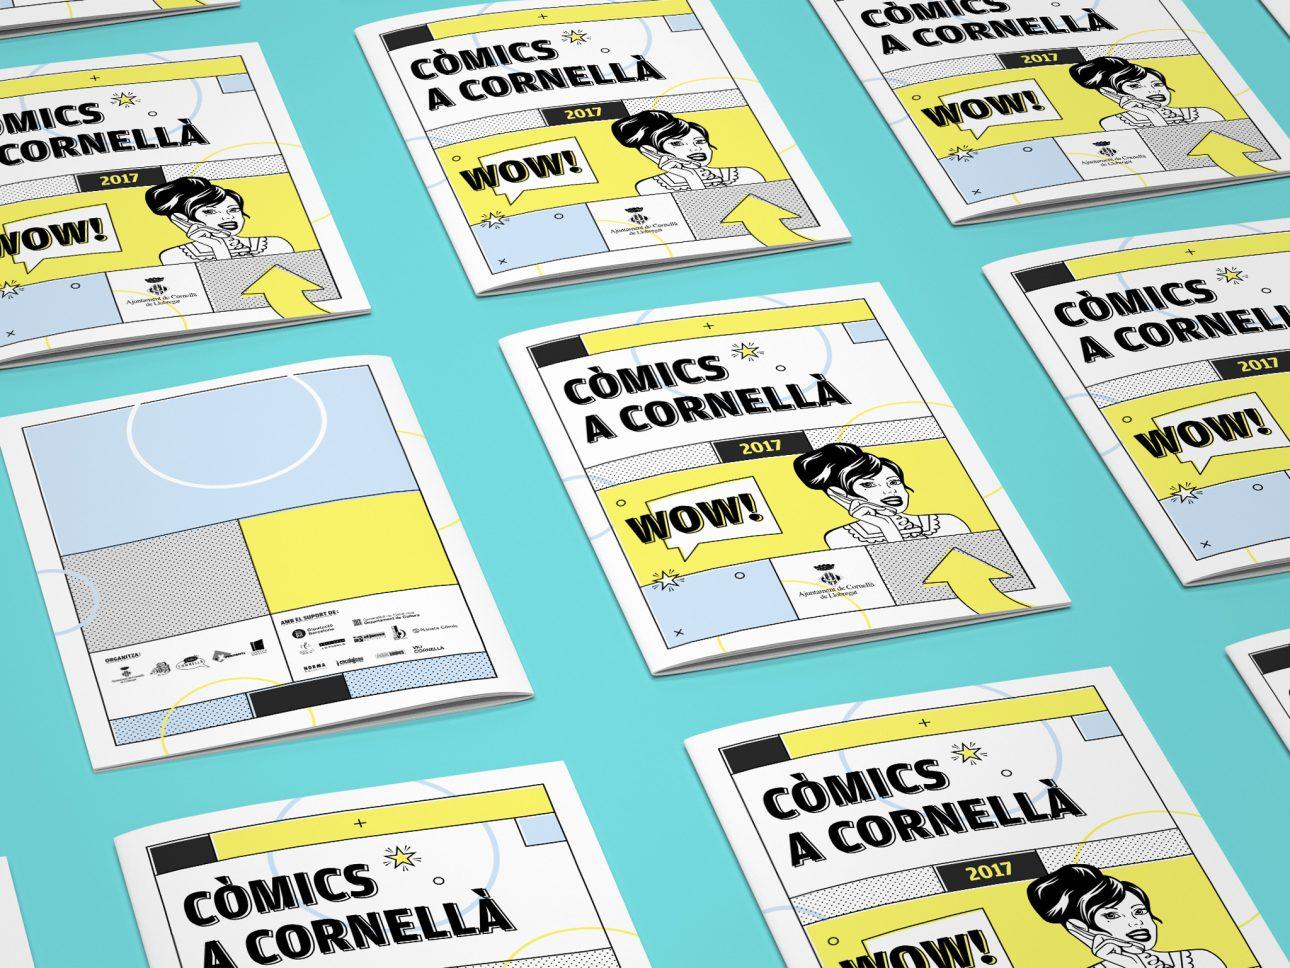 SD_COMIC-A-CORNELLA_A